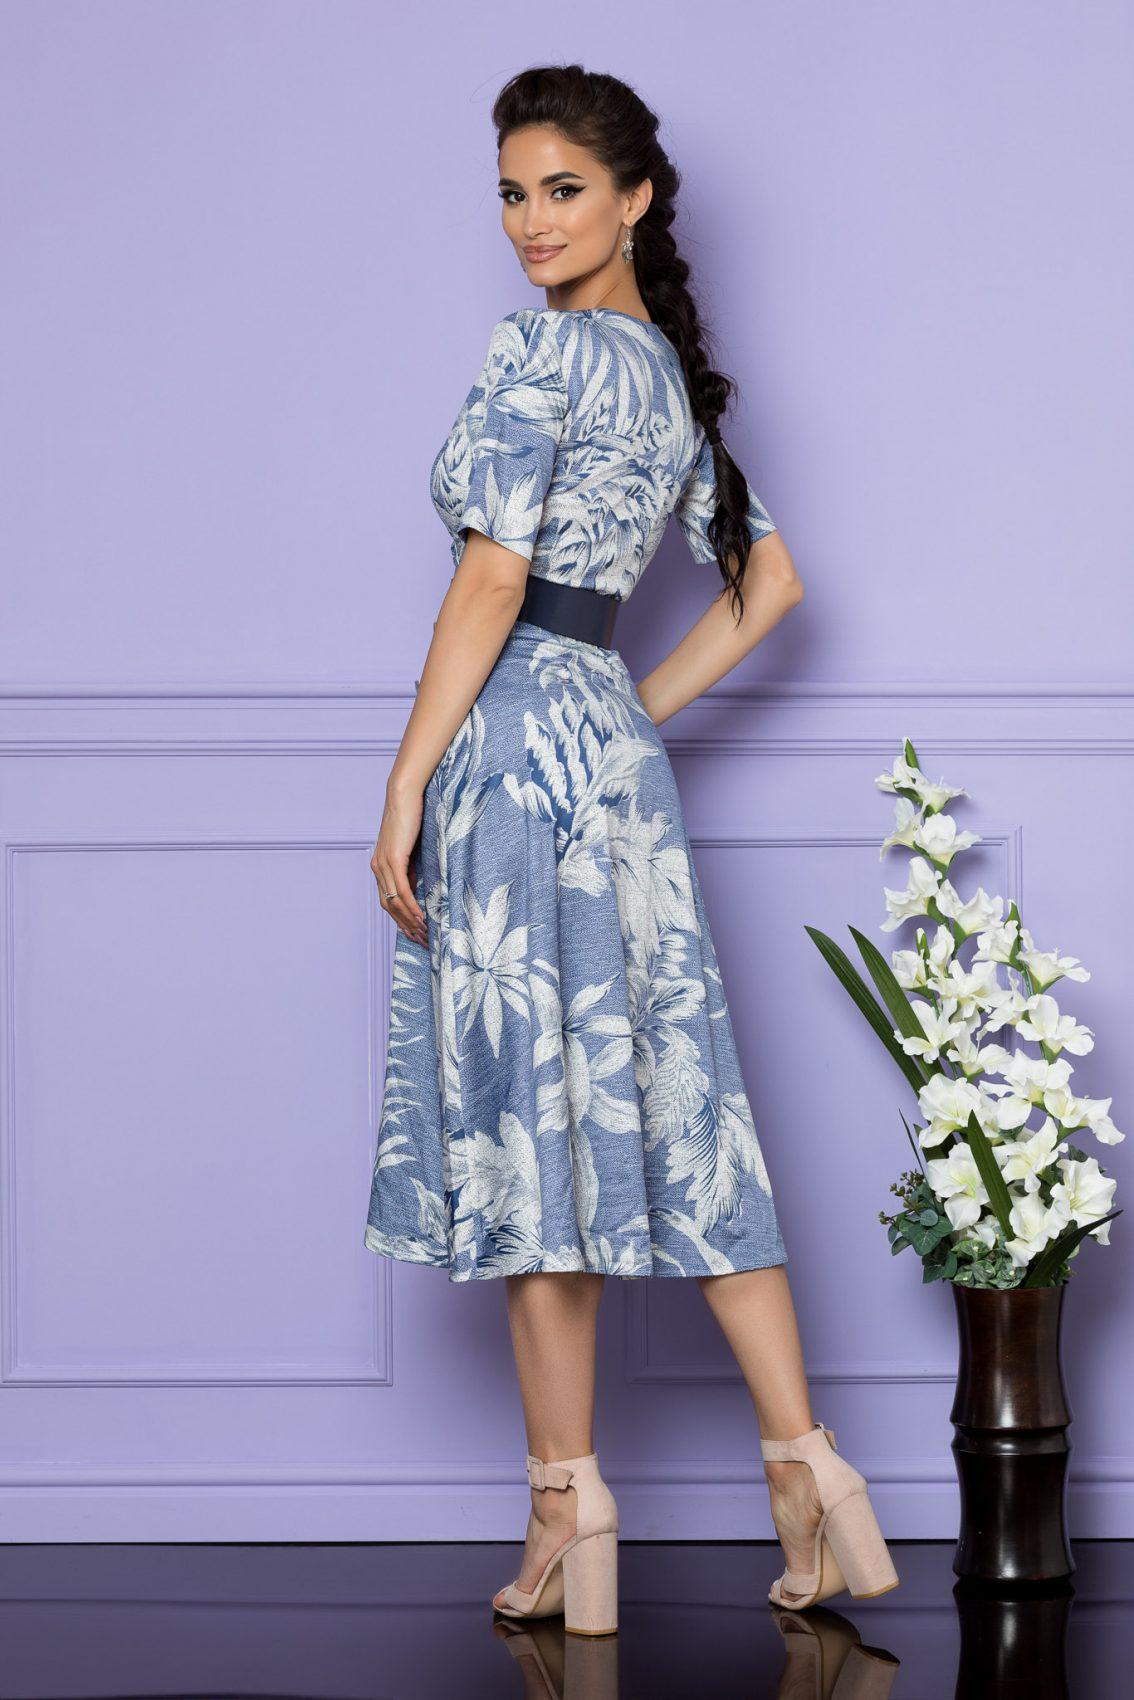 Μπλε Μίντι Κρουαζέ Φόρεμα Parissa A730 2